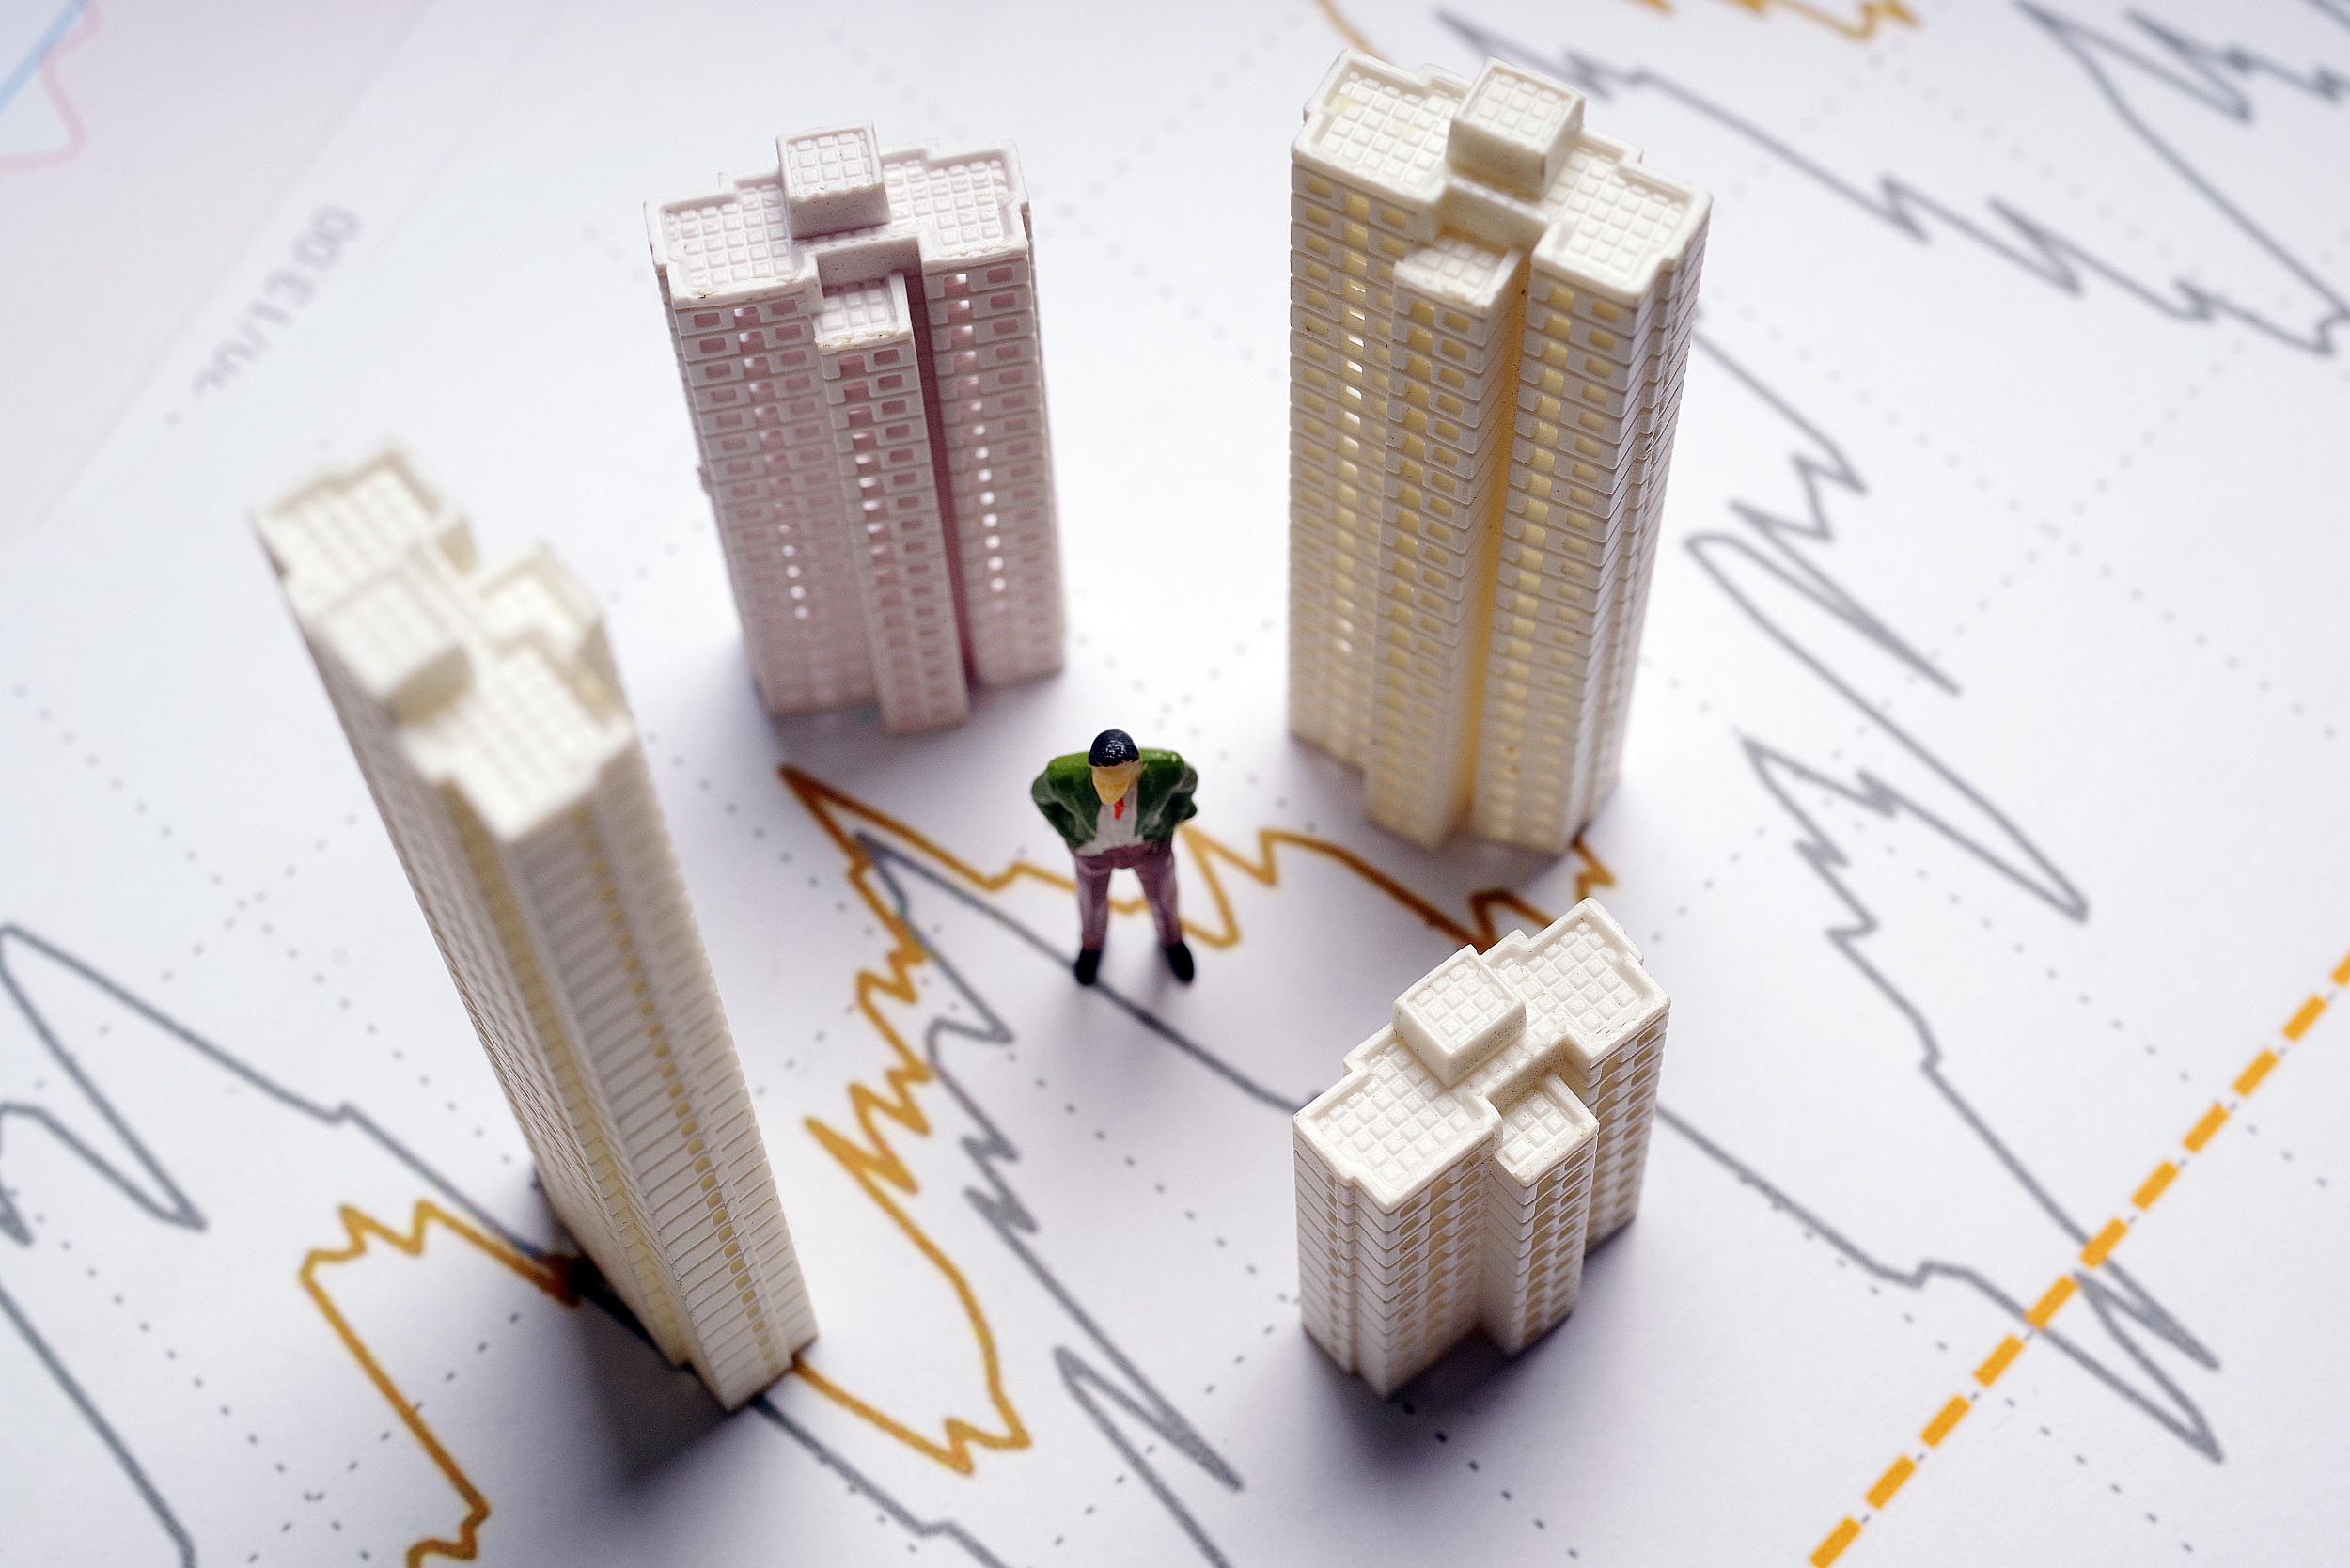 堅決阻斷違規信貸資金流入樓市